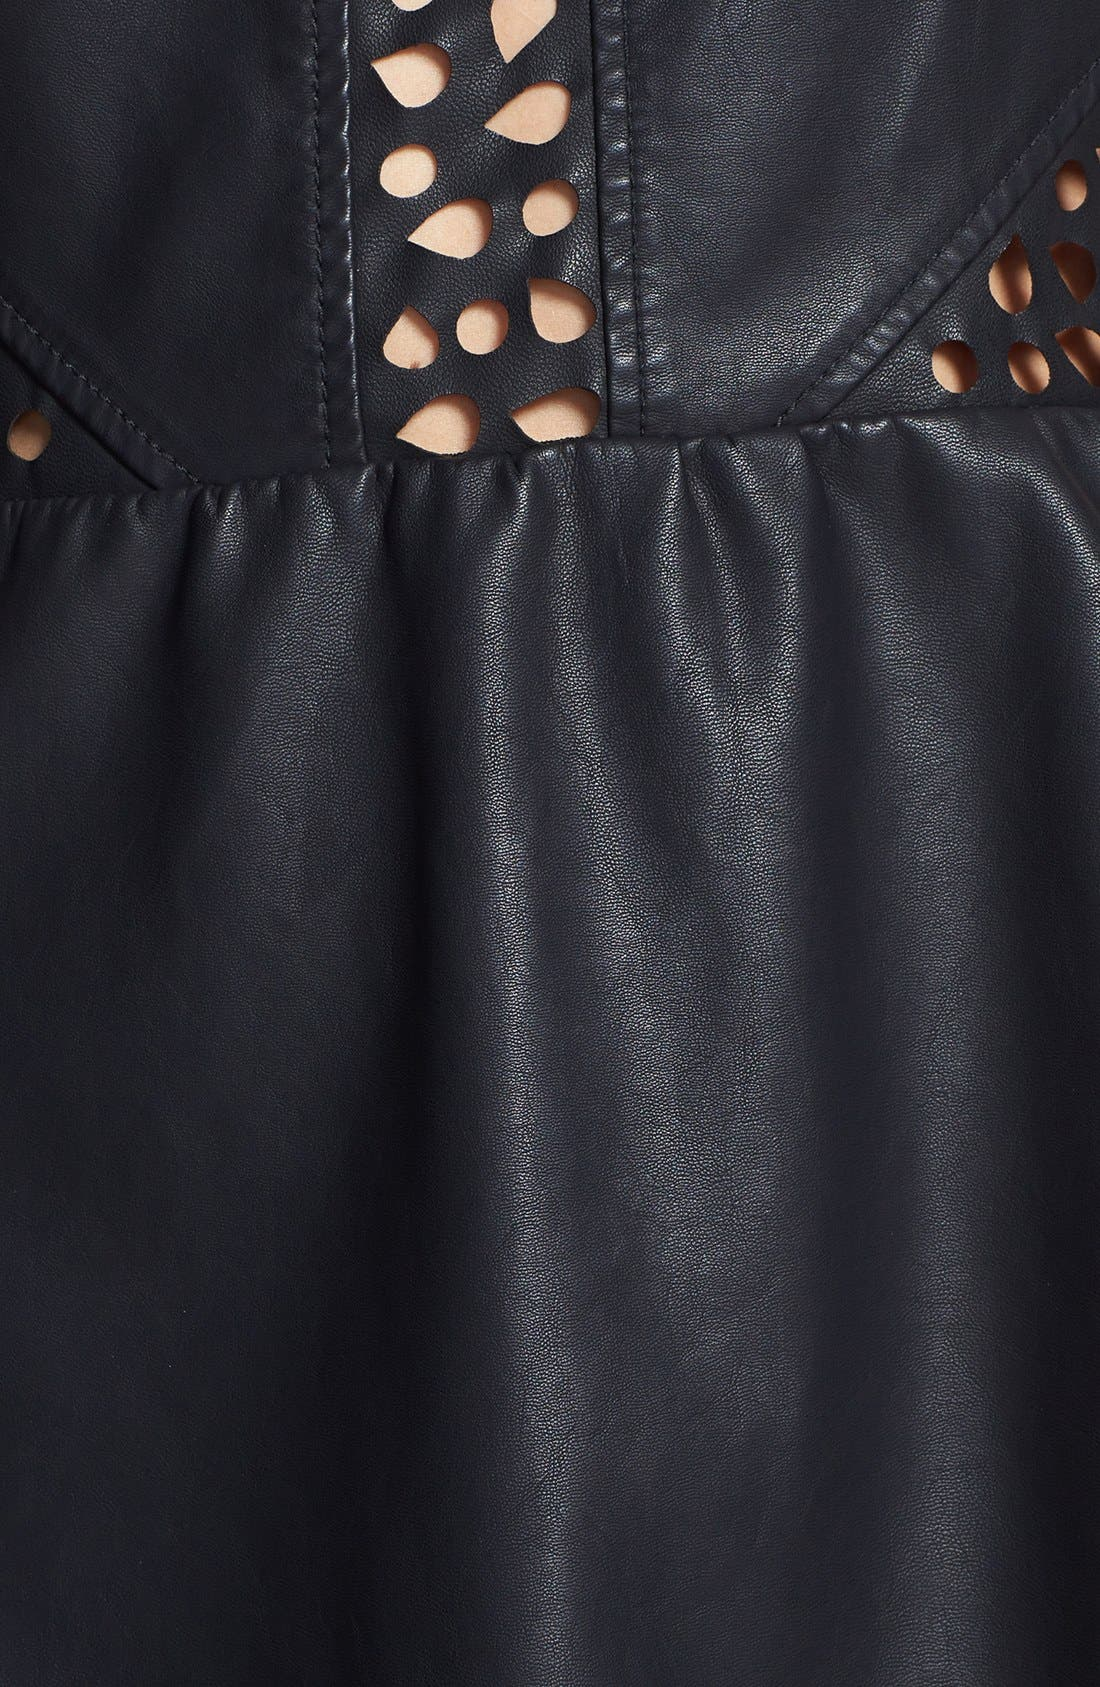 C. LUCE, Laser Cut Faux Leather Skater Dress, Alternate thumbnail 2, color, 001